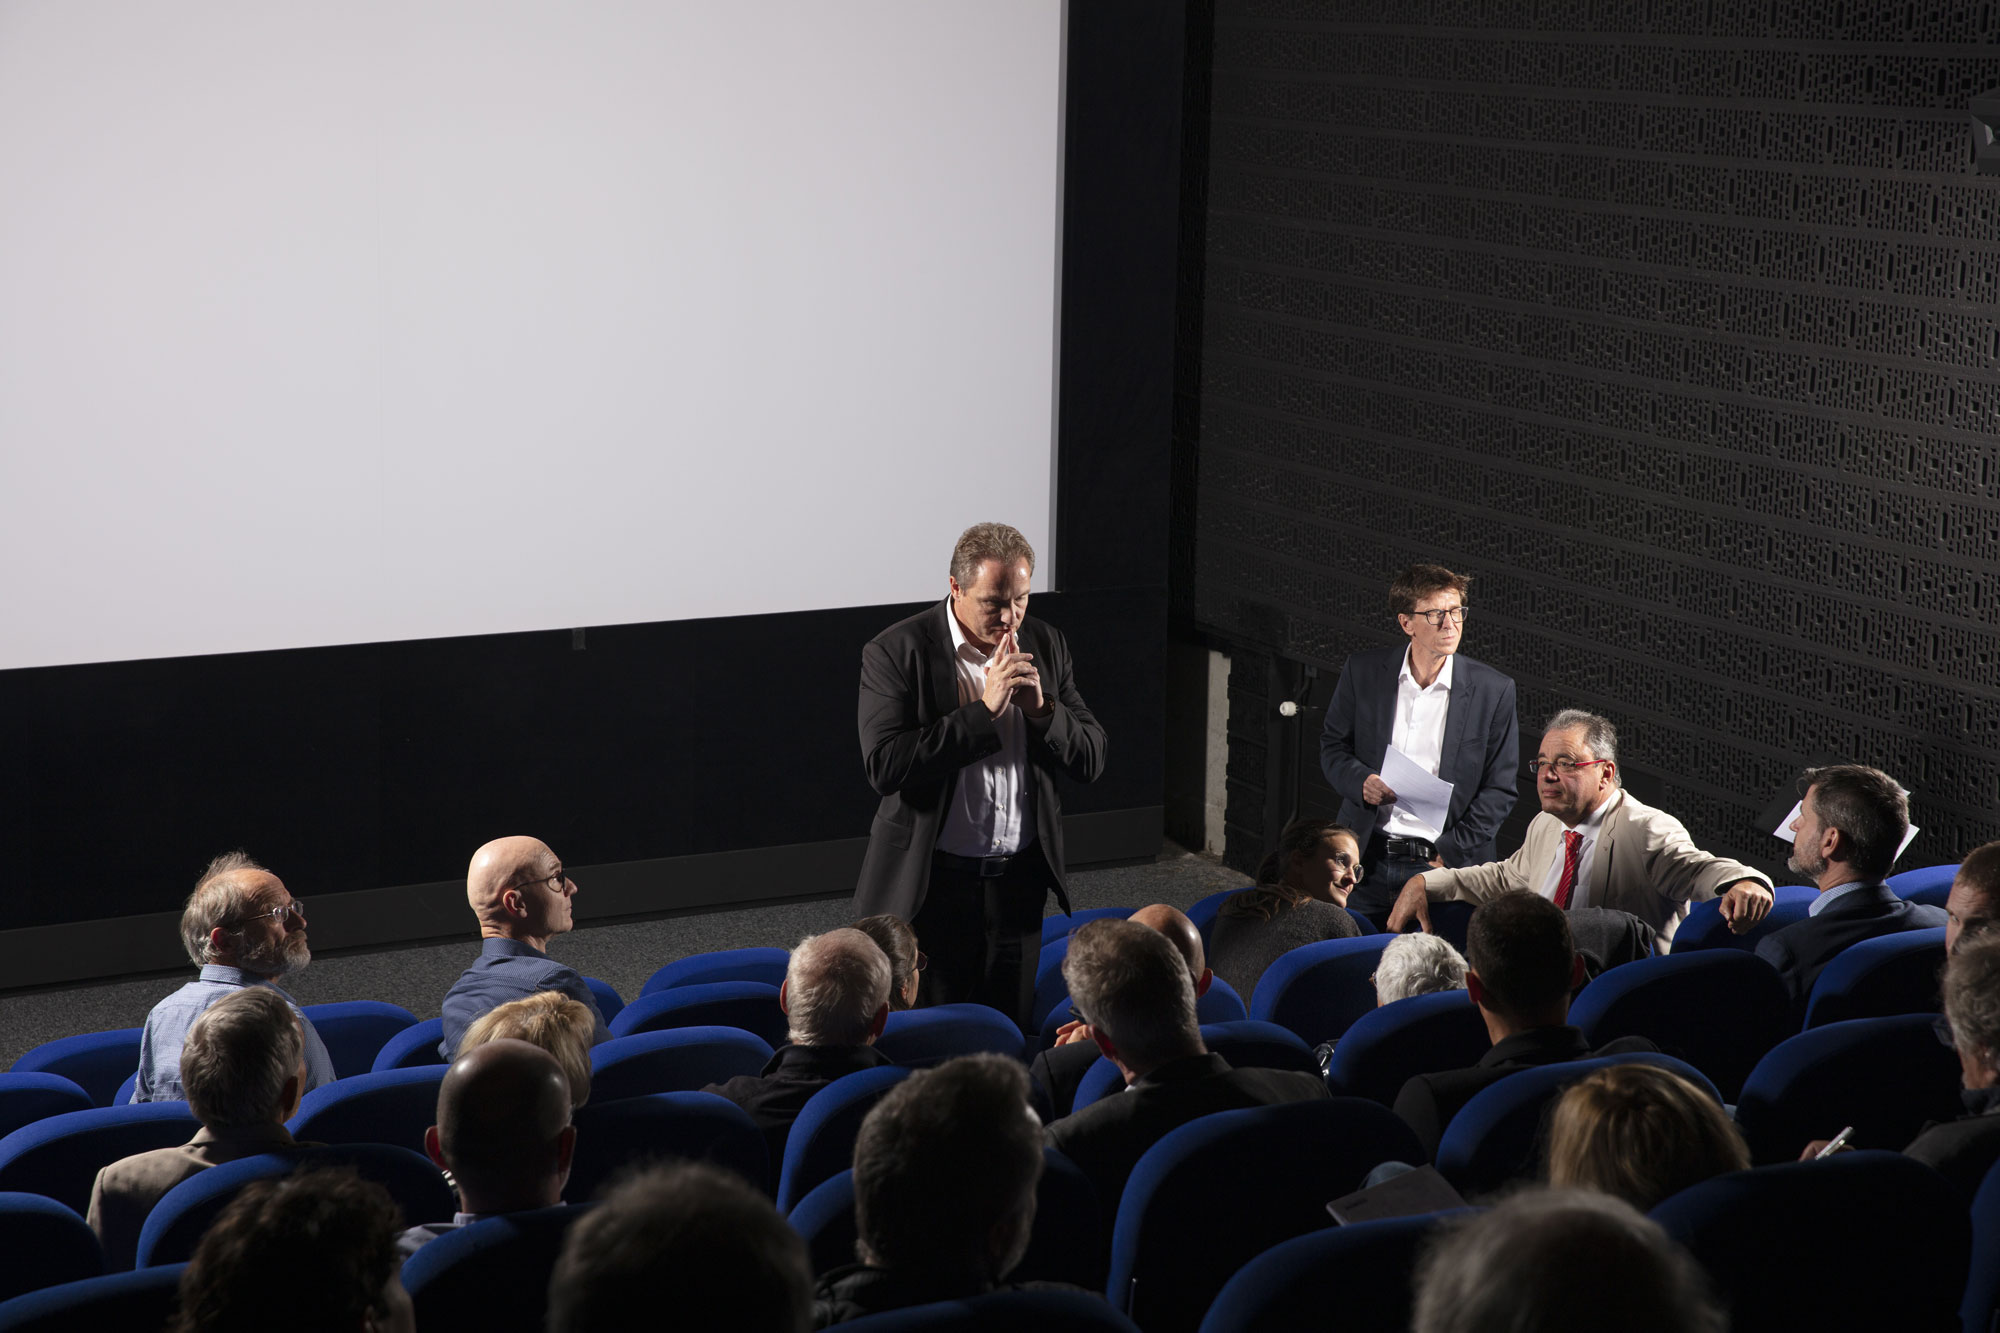 Alain Sapin, Directeur énergie électrique, Groupe E, au centre de la discussion avec la salle. Attention maximale du public / © Maciej Czepiel